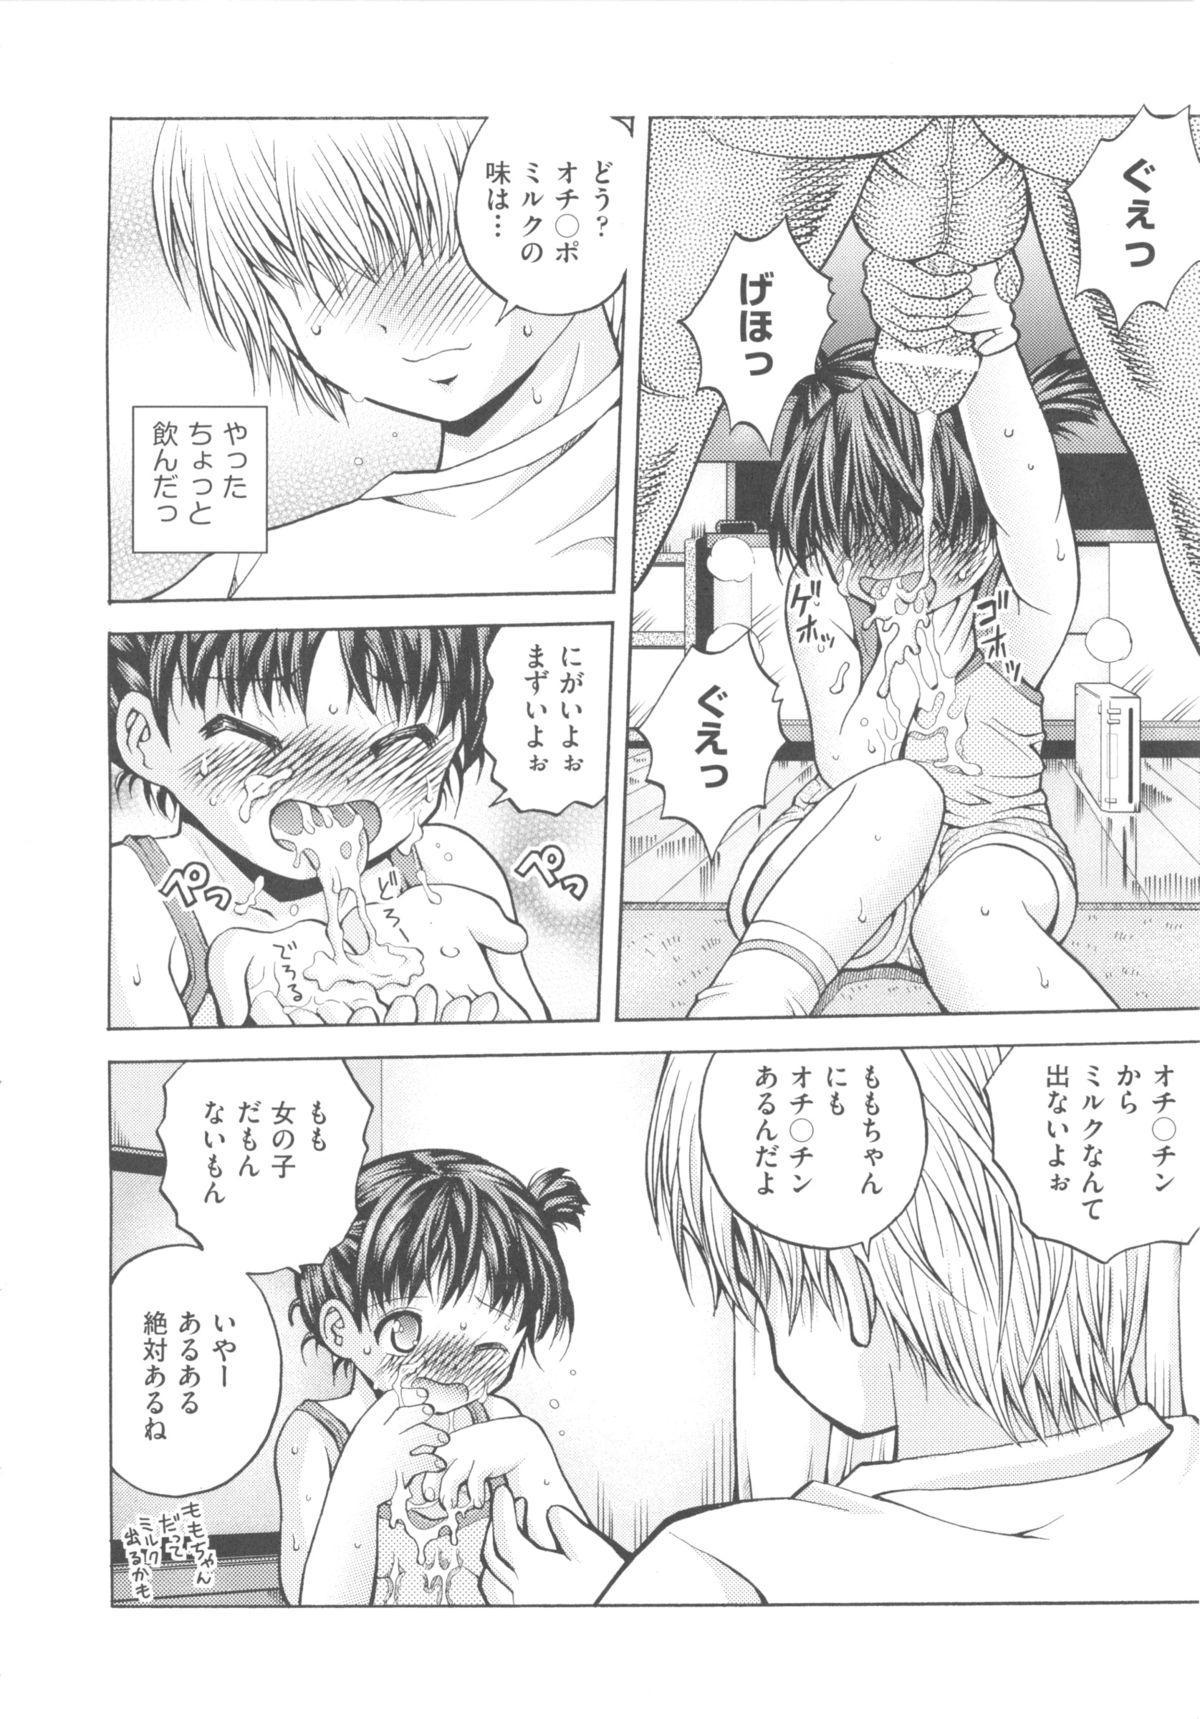 Comic Ino. 04 185